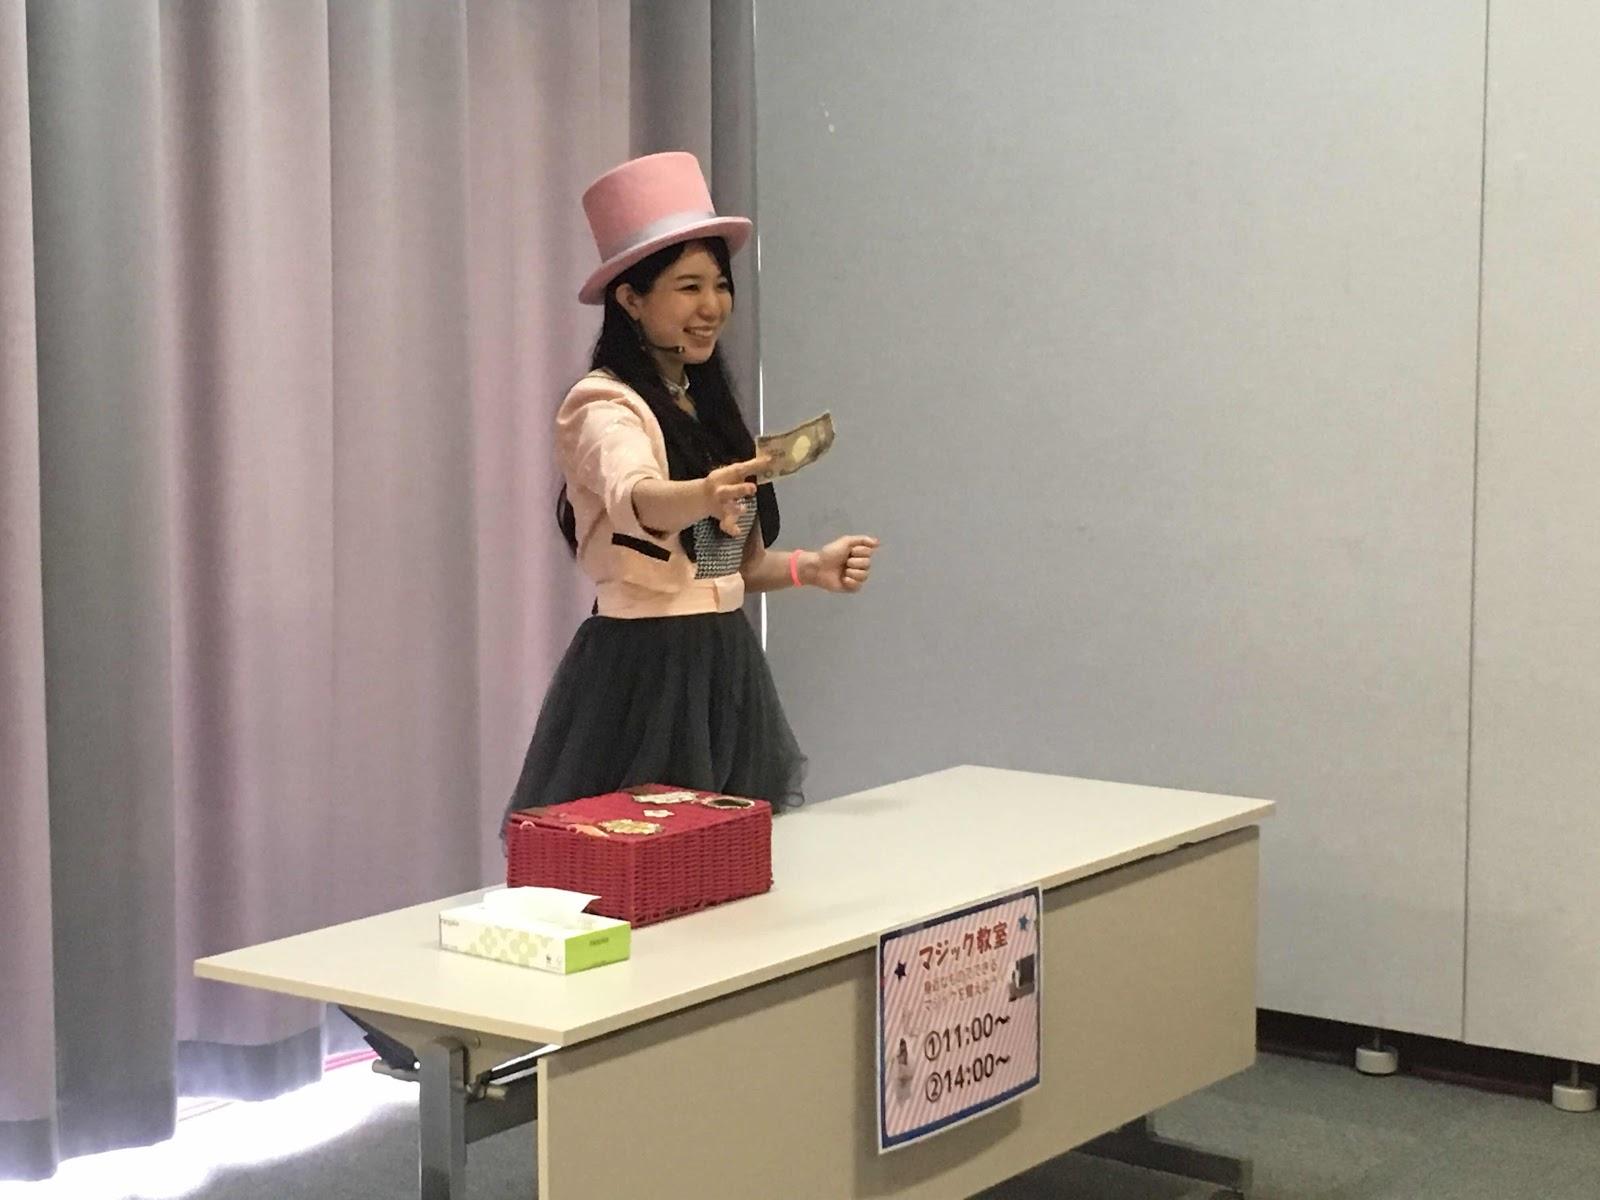 マジック教室|美人マジシャン!? アリス(有栖川 萌)ブログ|マジックショー,イリュージョン,手妻(和妻,和風手品)の全国出張出演承ります♪